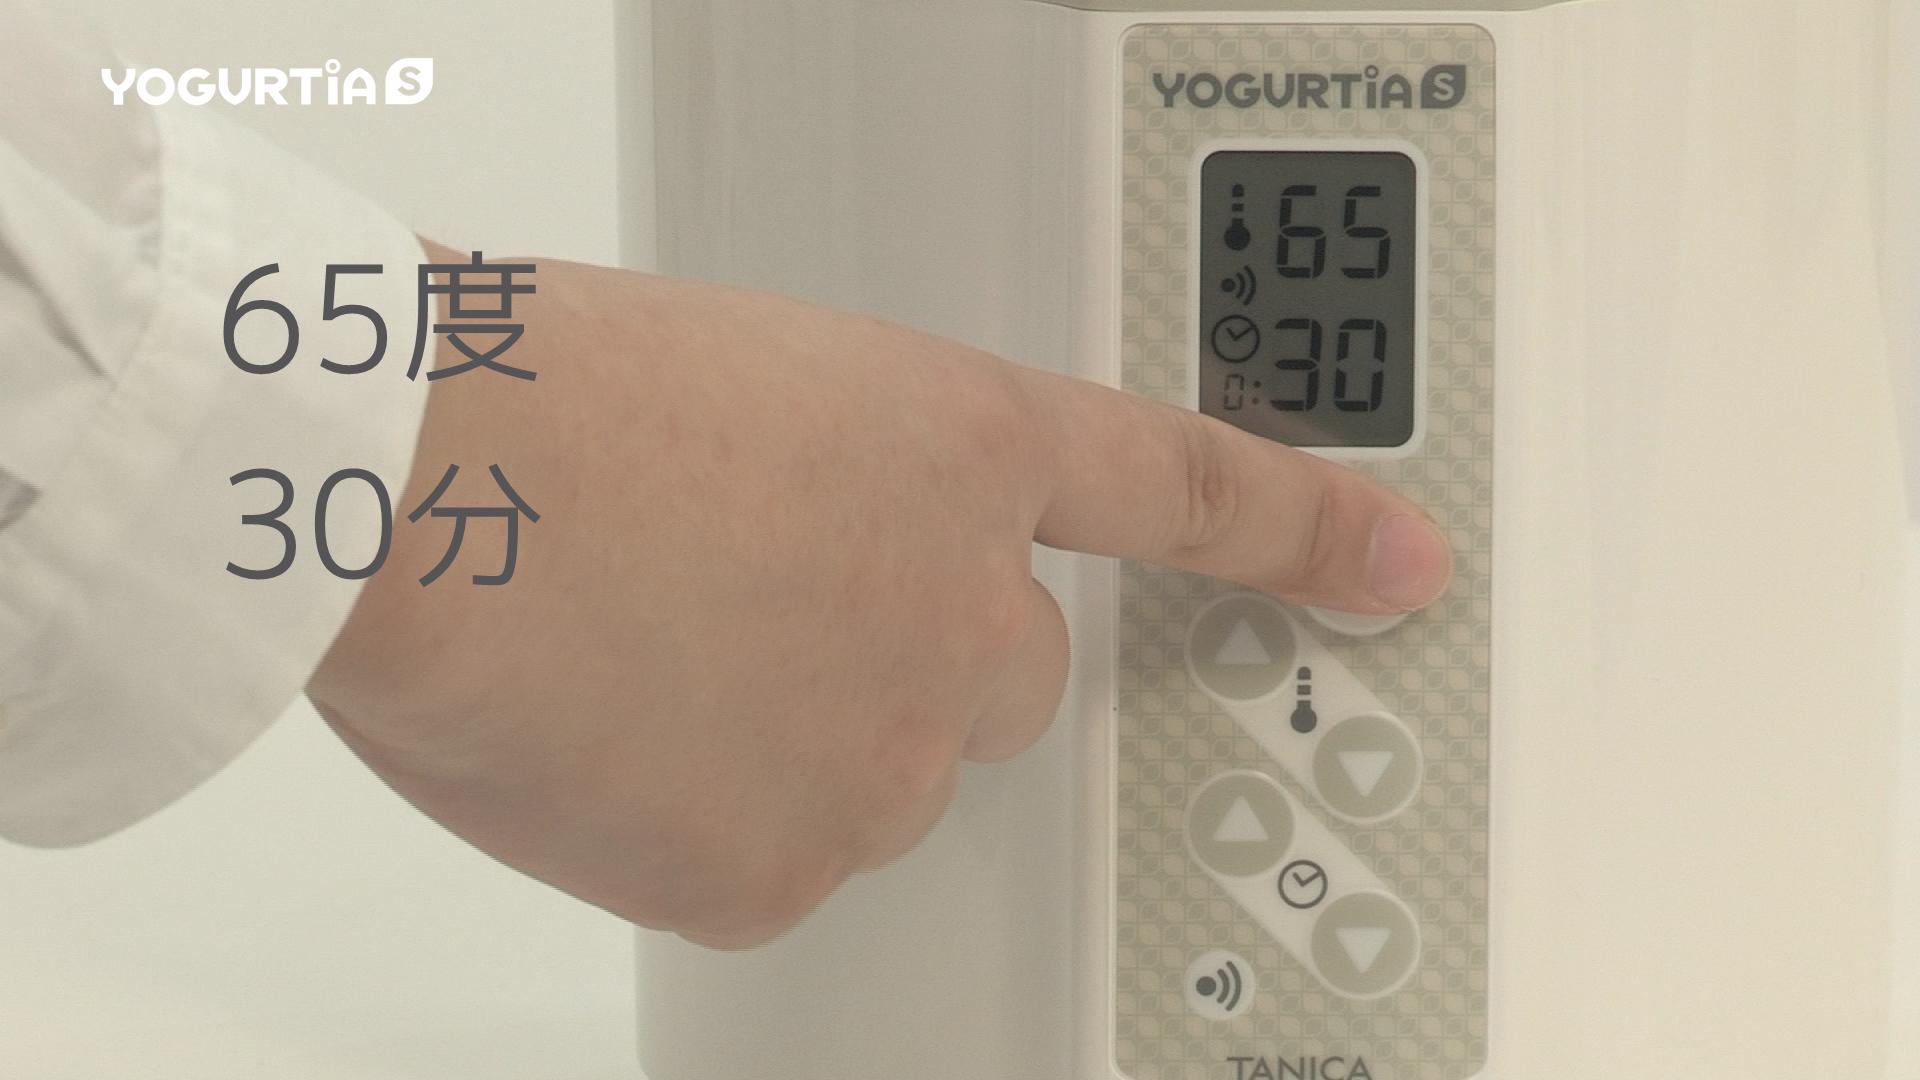 内ふた、取手ふたをしっかり閉めた後、本体に入れて外ふたをします。温度を65℃、タイマーを30分にセットして、スタートボタンを押します。